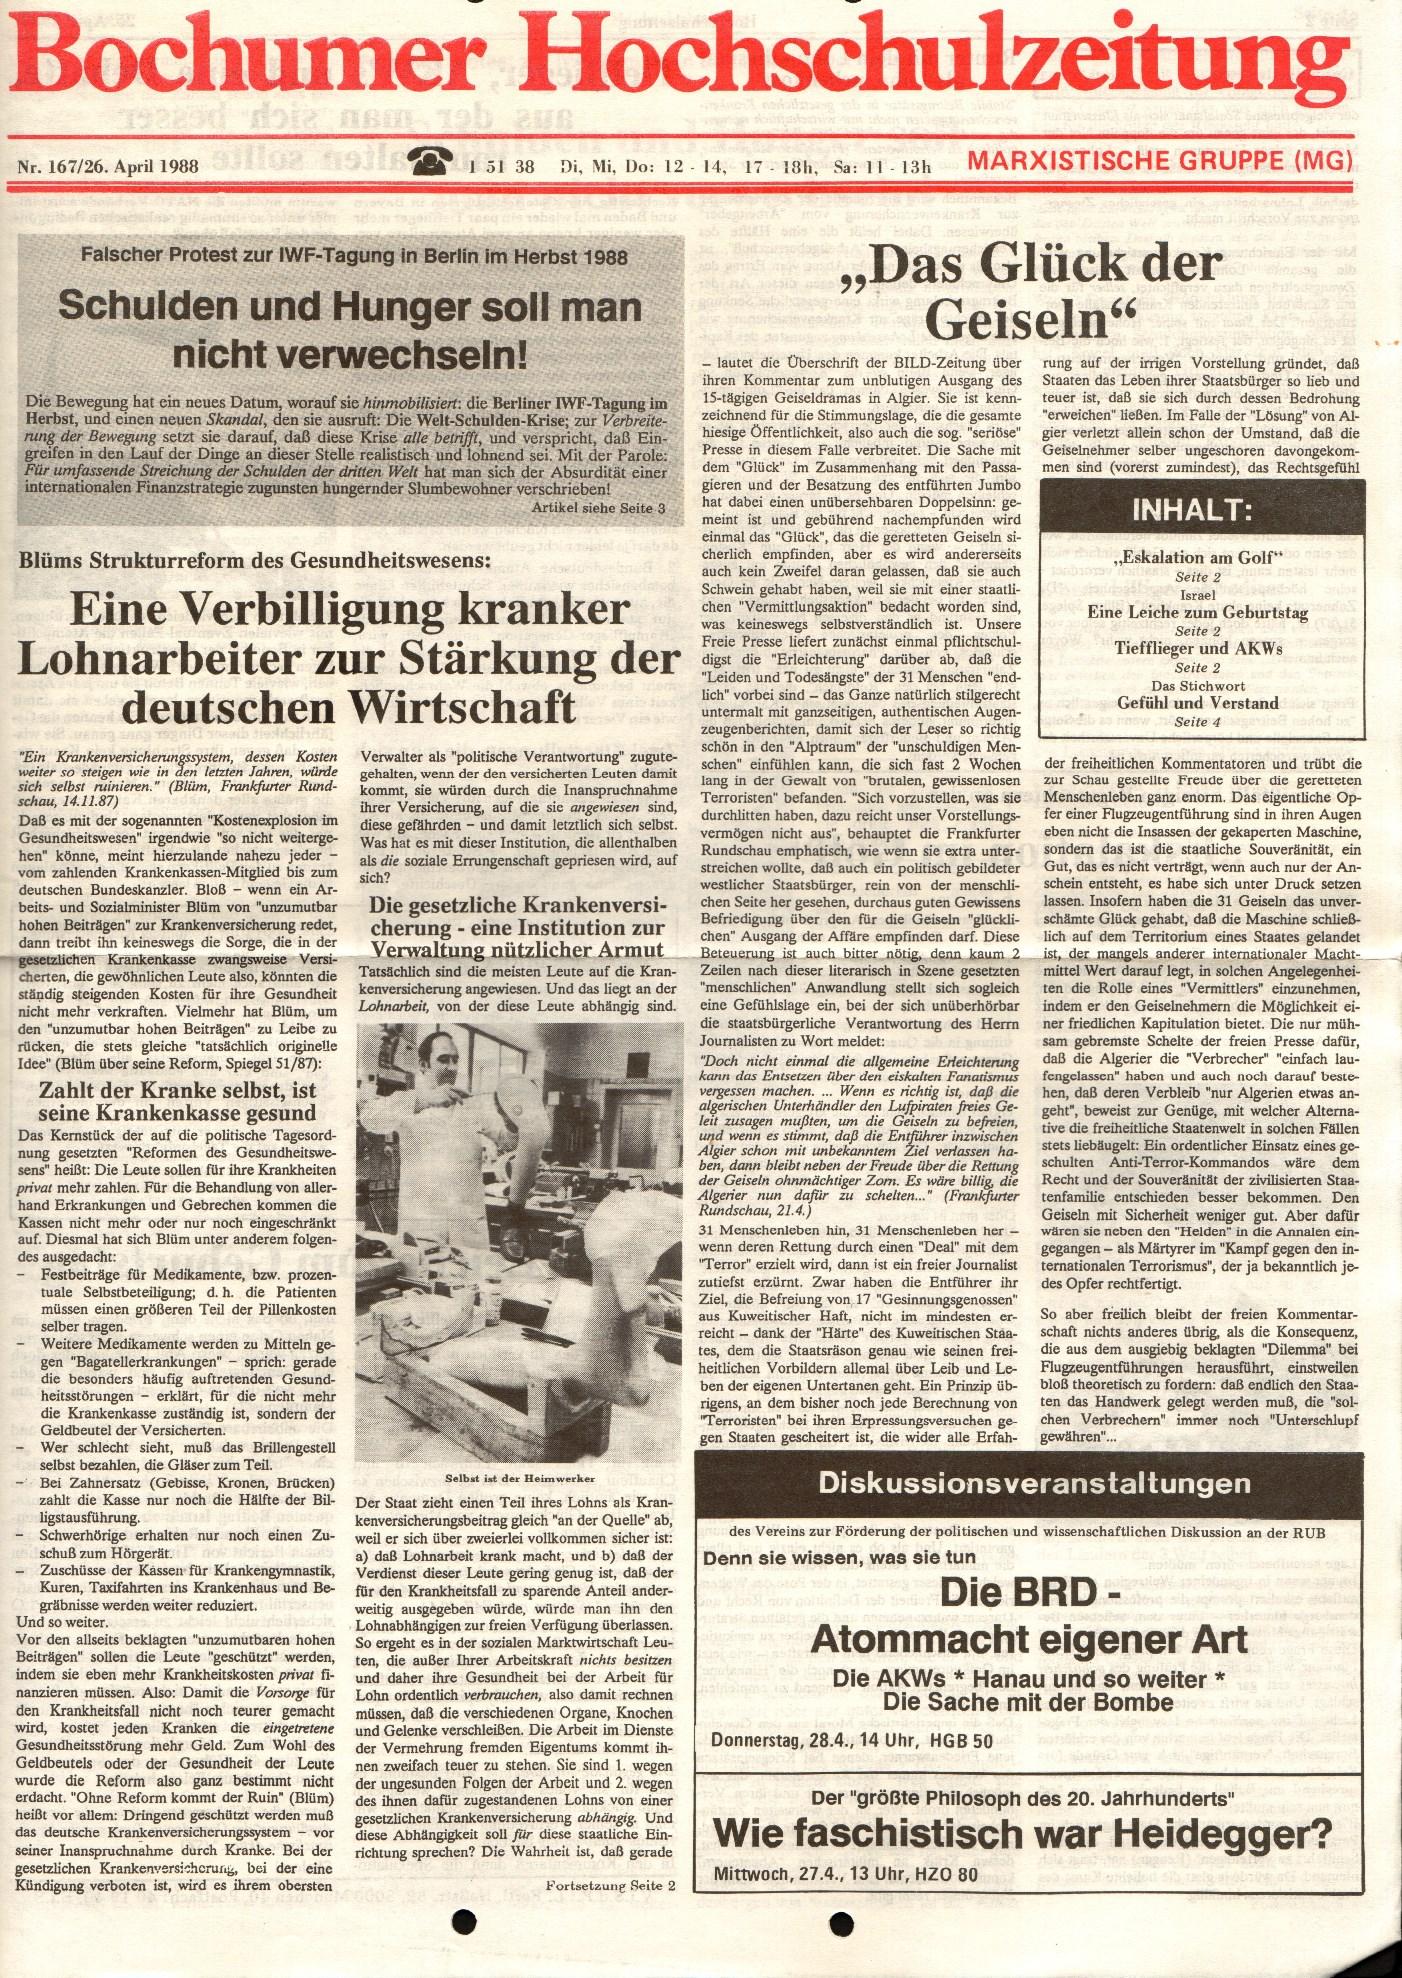 MG_Bochumer_Hochschulzeitung_19880426_01